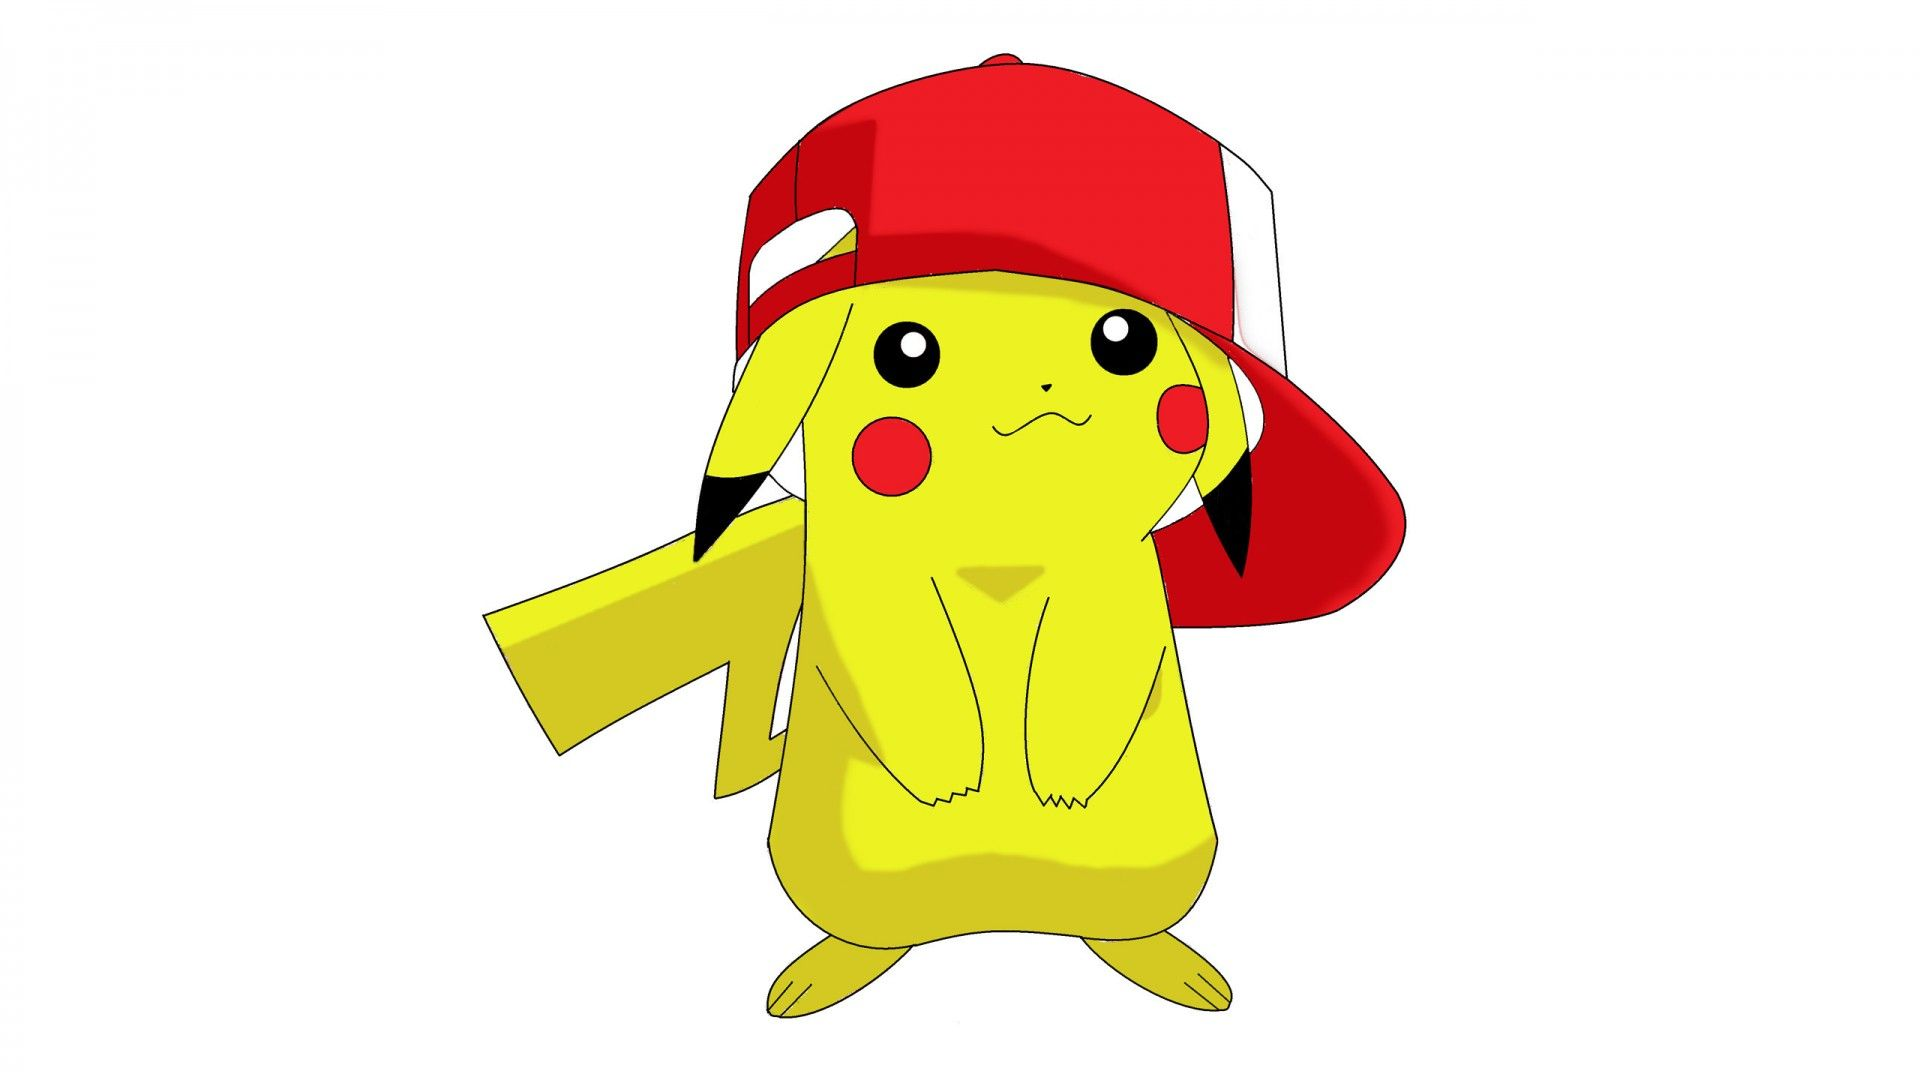 Beste Süße Pikachu Malvorlagen Fotos - Malvorlagen Von Tieren ...